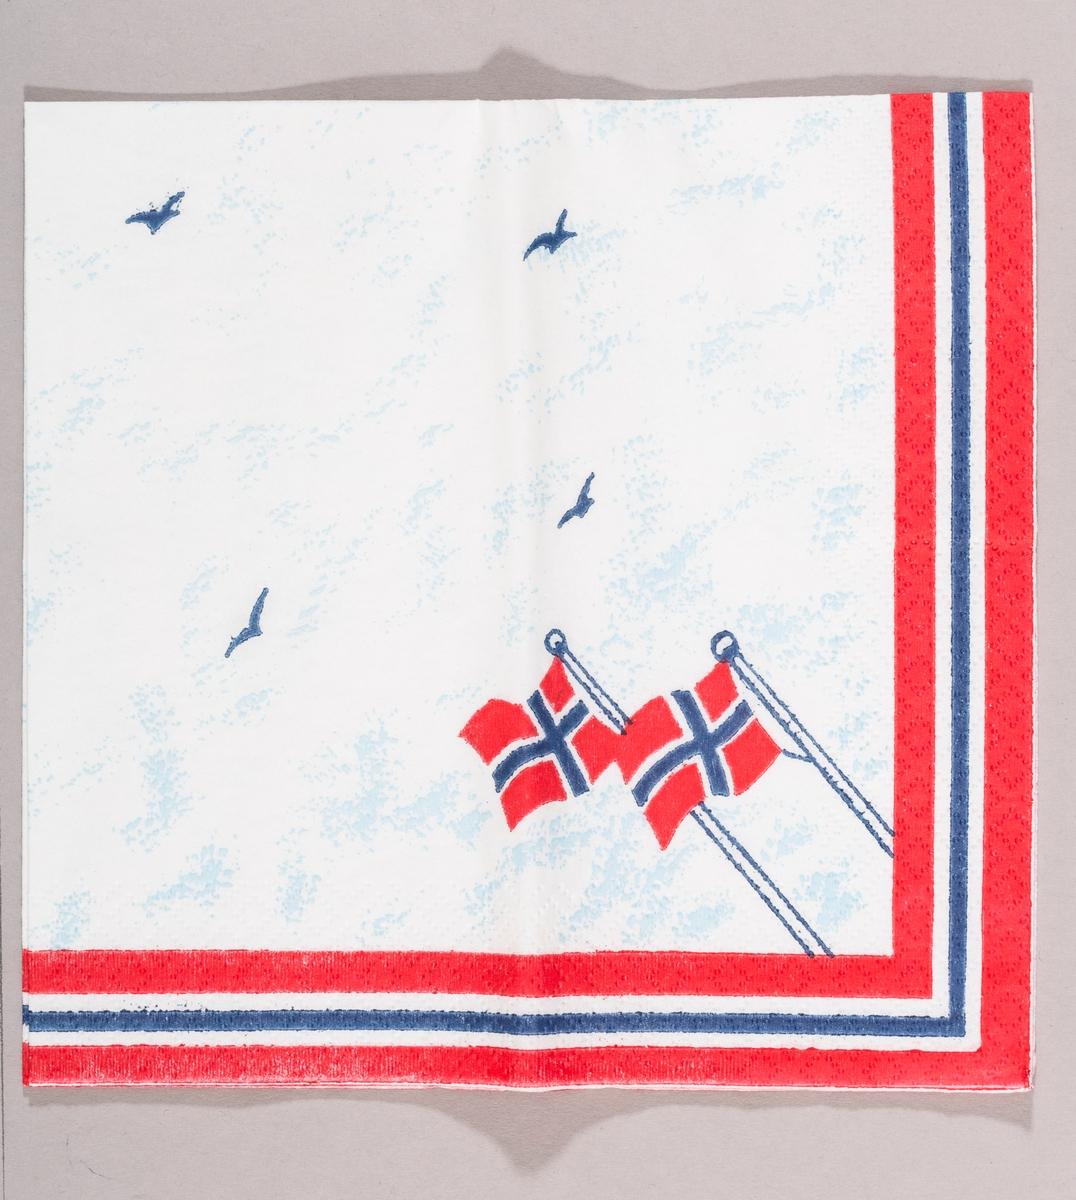 To flaggstenger med norske flagg som flagrer i vinden. Himmel med fugler. Kant i rødt, hvitt og blått.